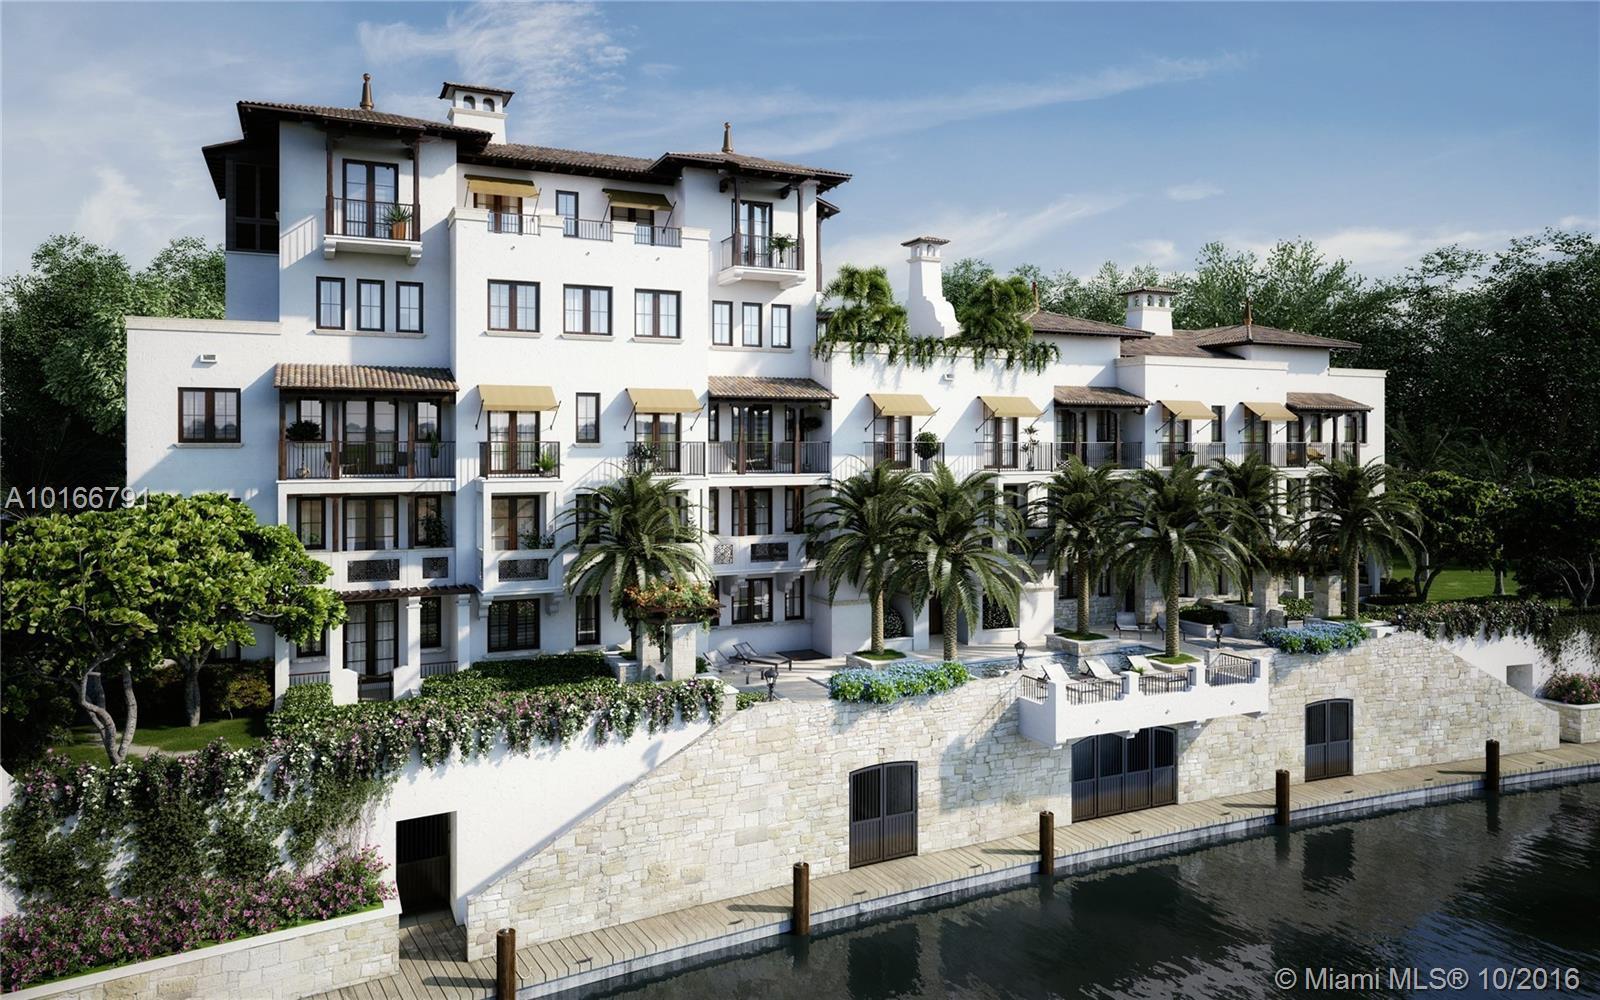 6100 Caballero Bl B North Villa, Coral Gables, FL 33146